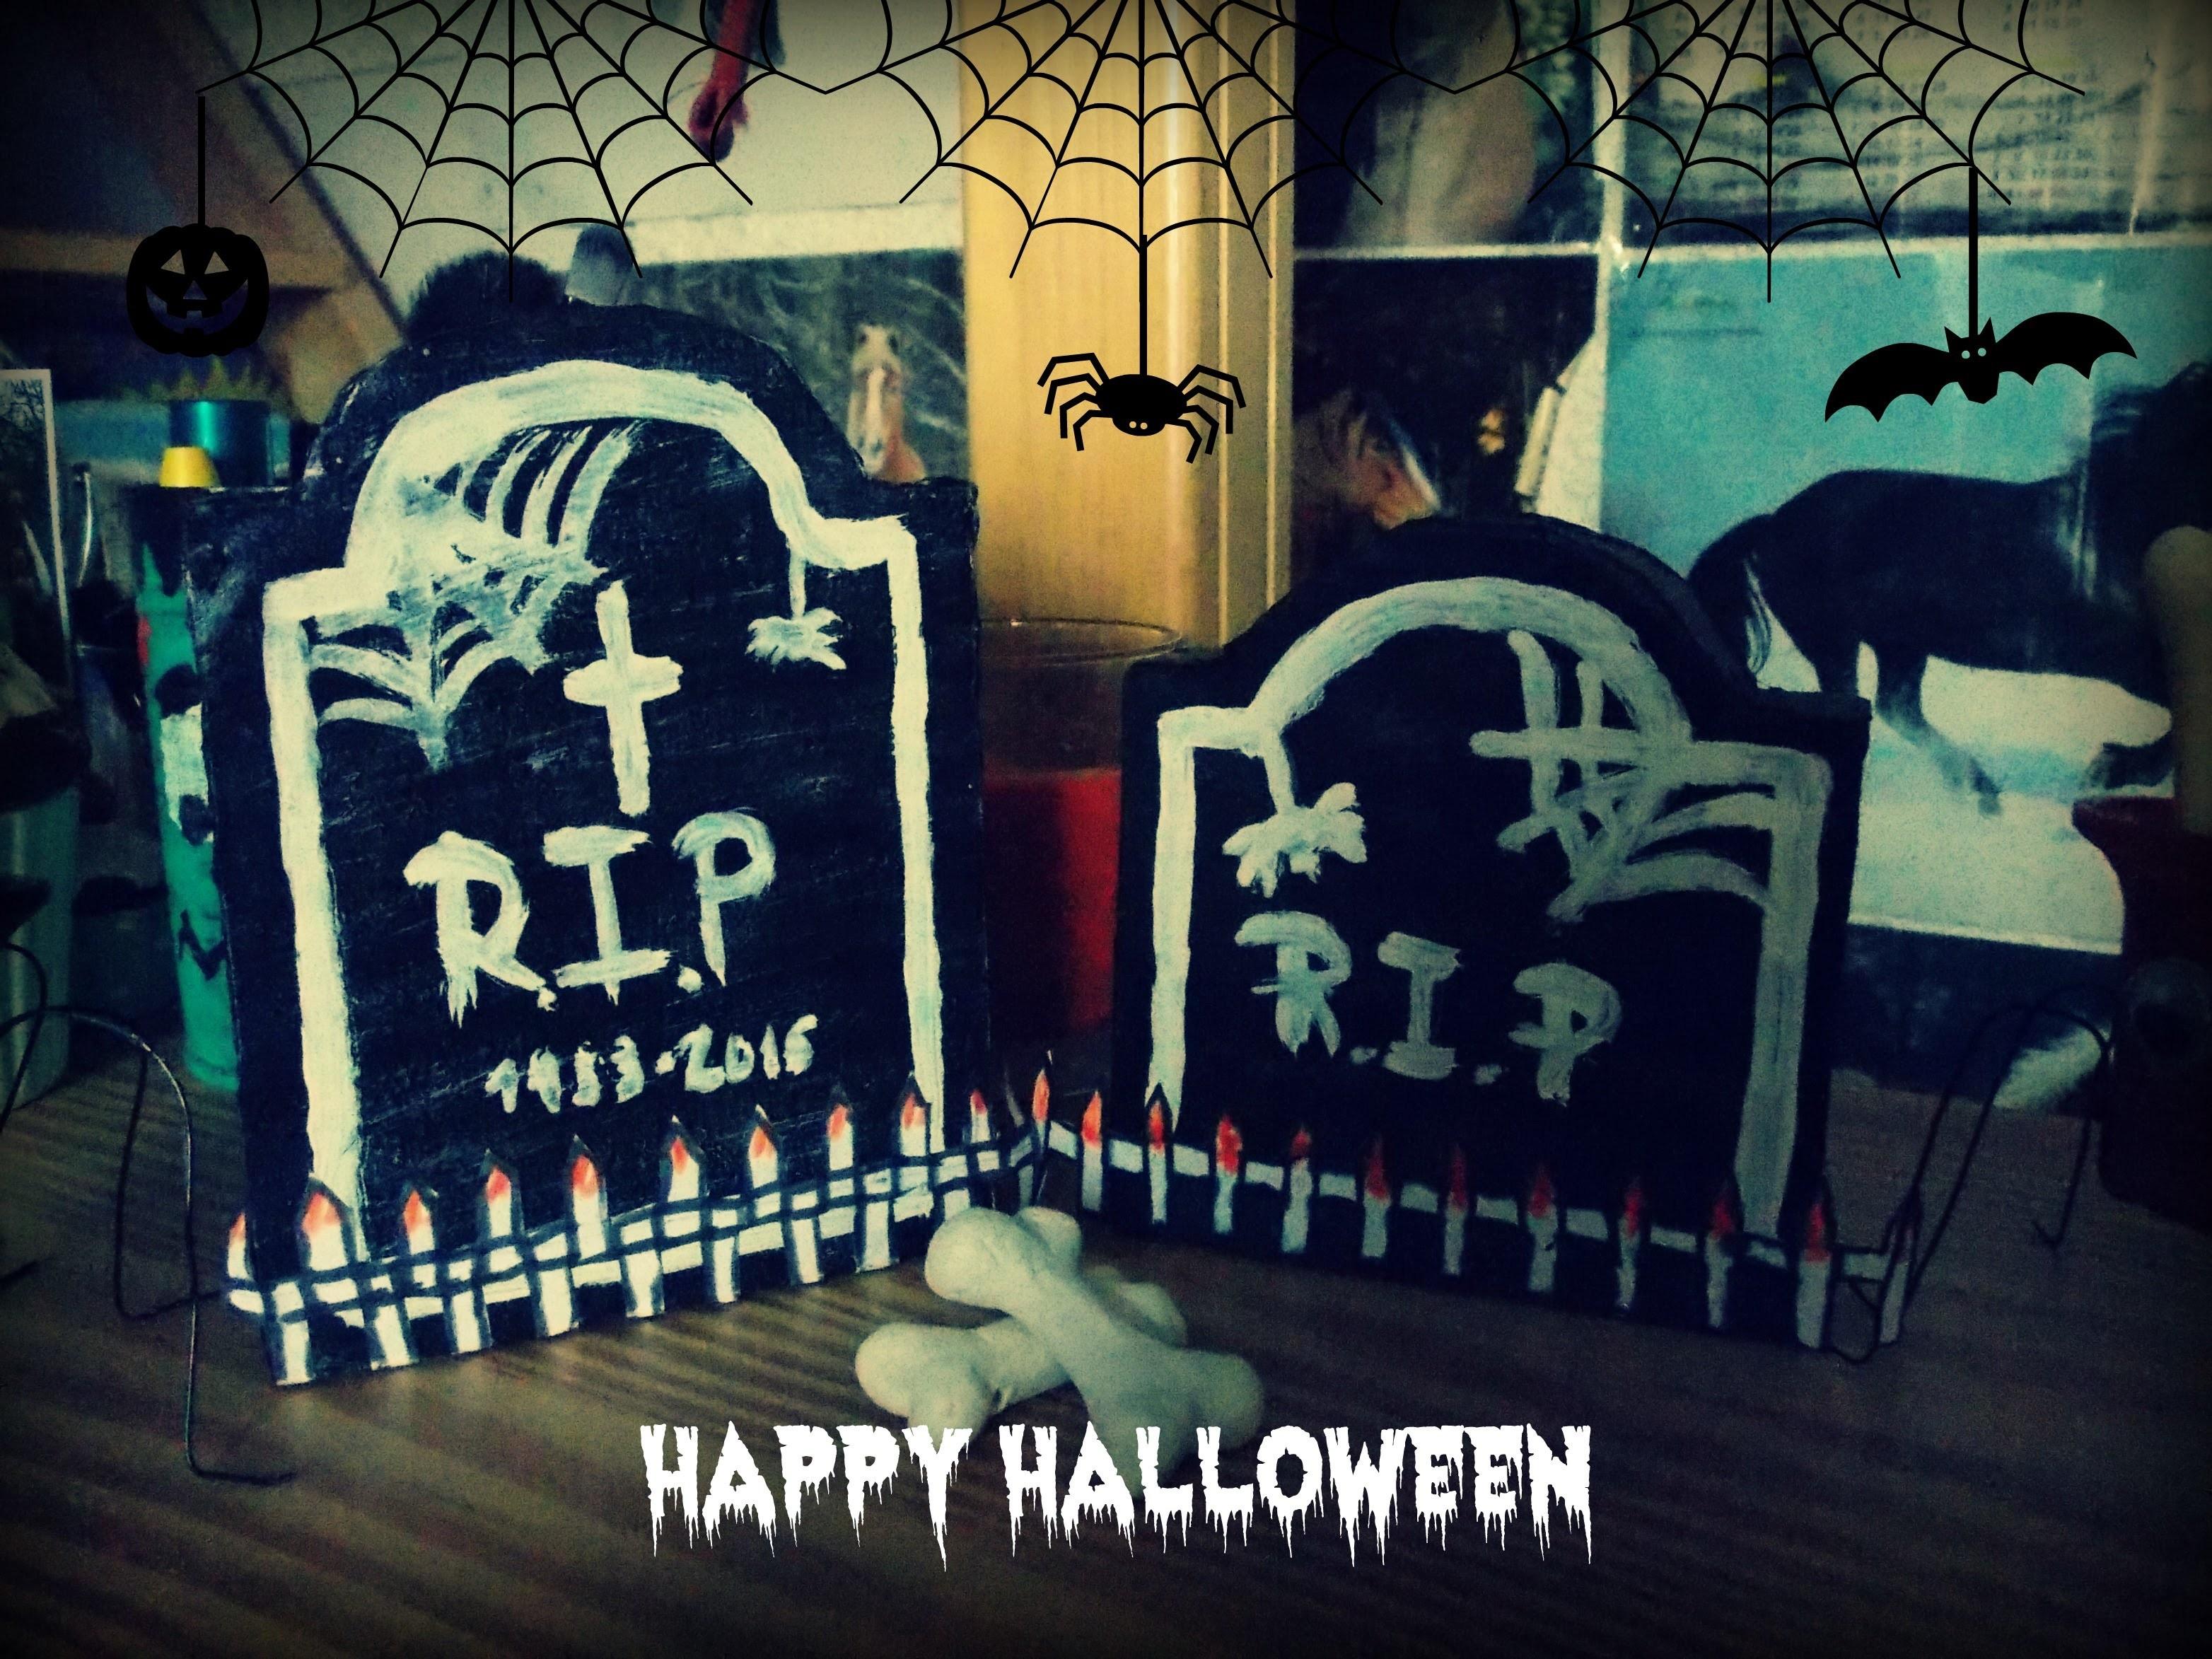 Podzimní dekorace-Halloweenský 3D náhrobek-DIY(Fall decoration-Halloween 3D tombstone)